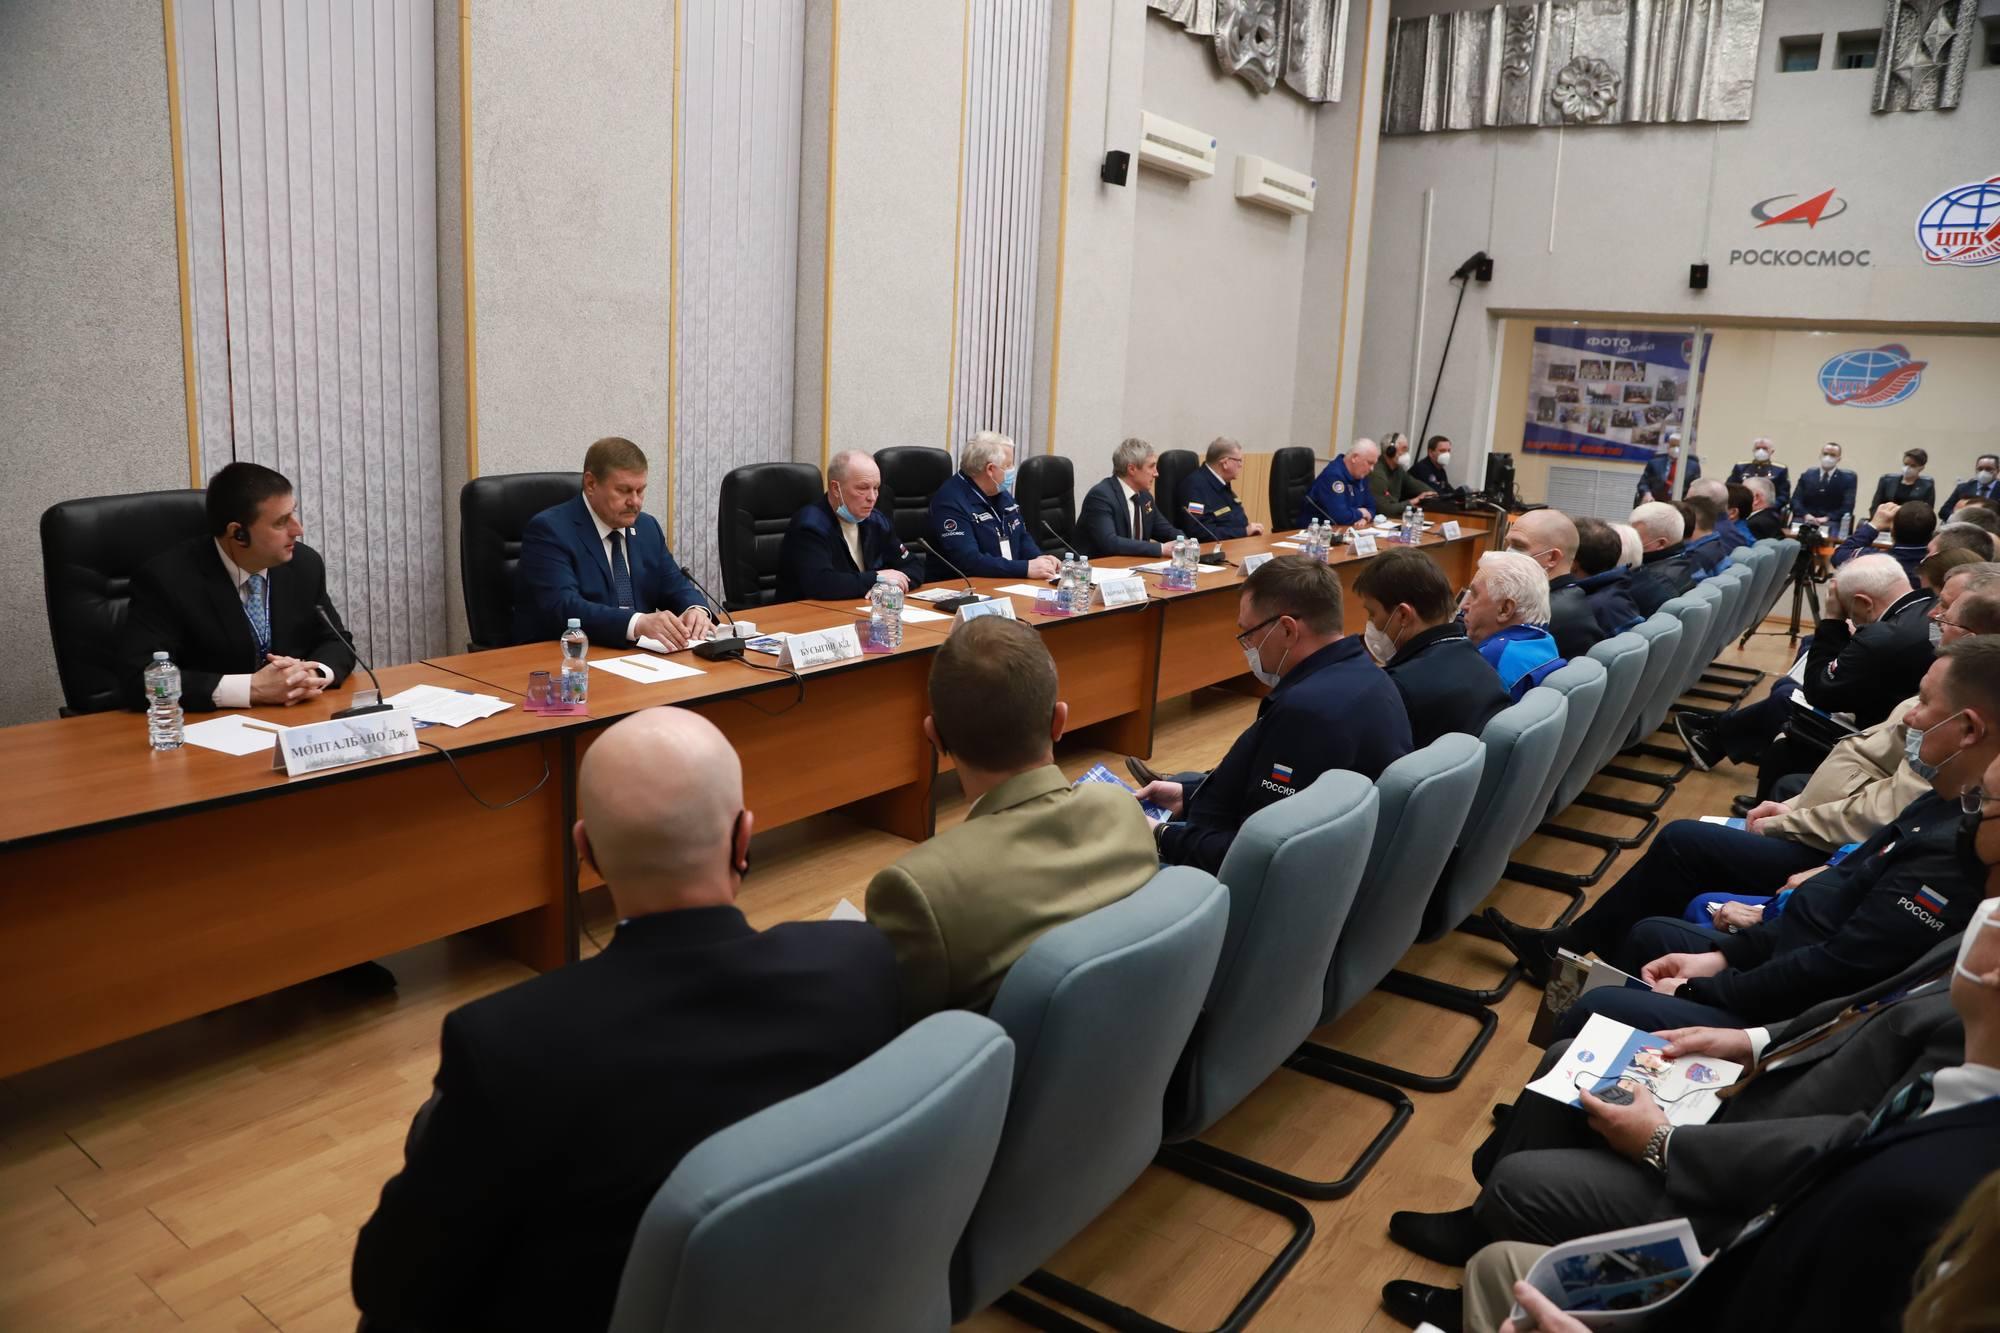 Réunion de la Commission d'Etat, confirment la composition des équipages.